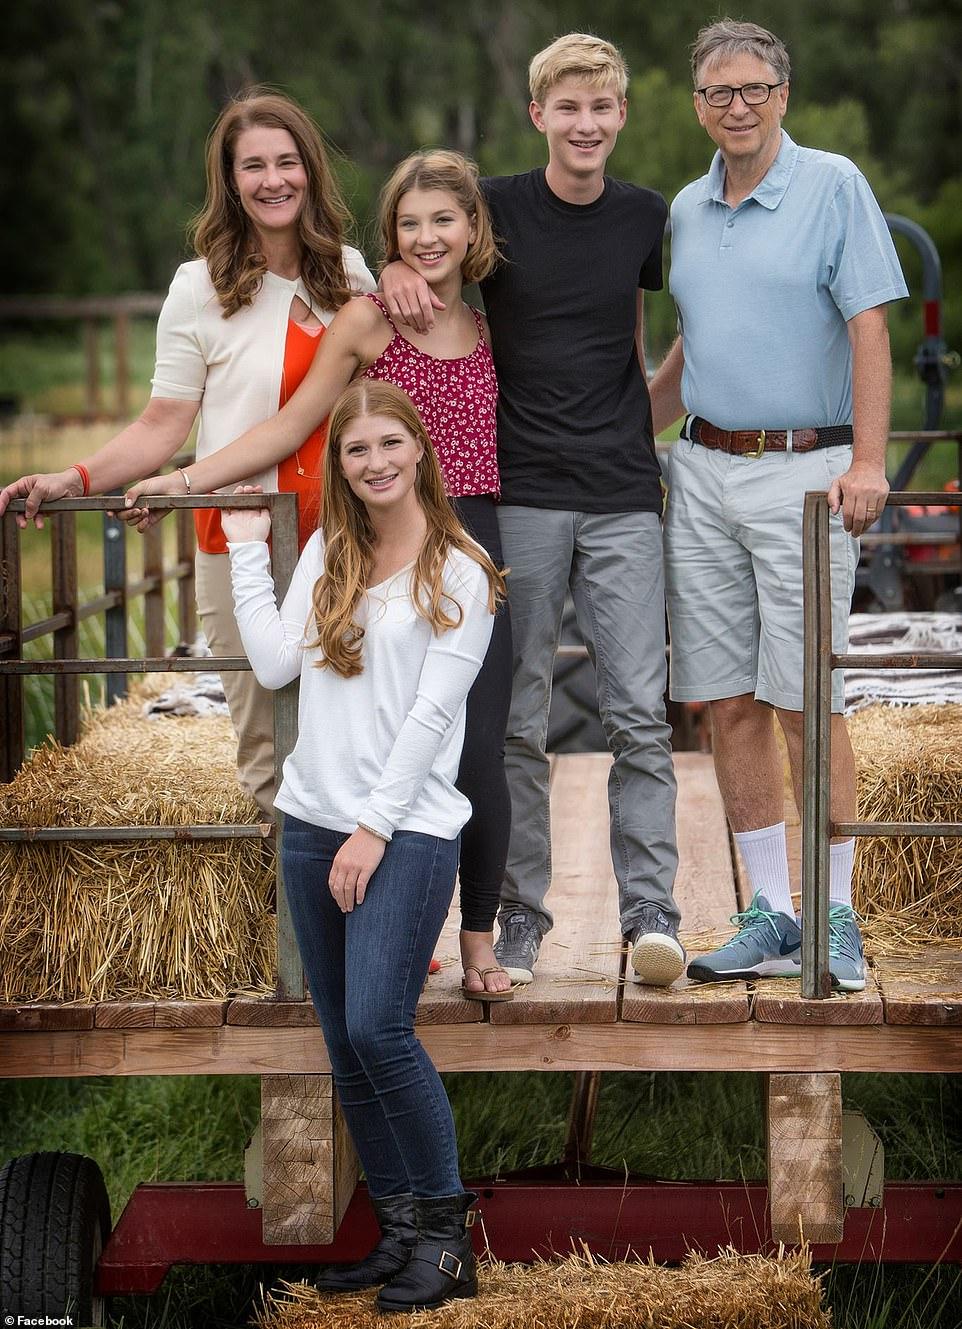 20210505-Gates Family.jpg